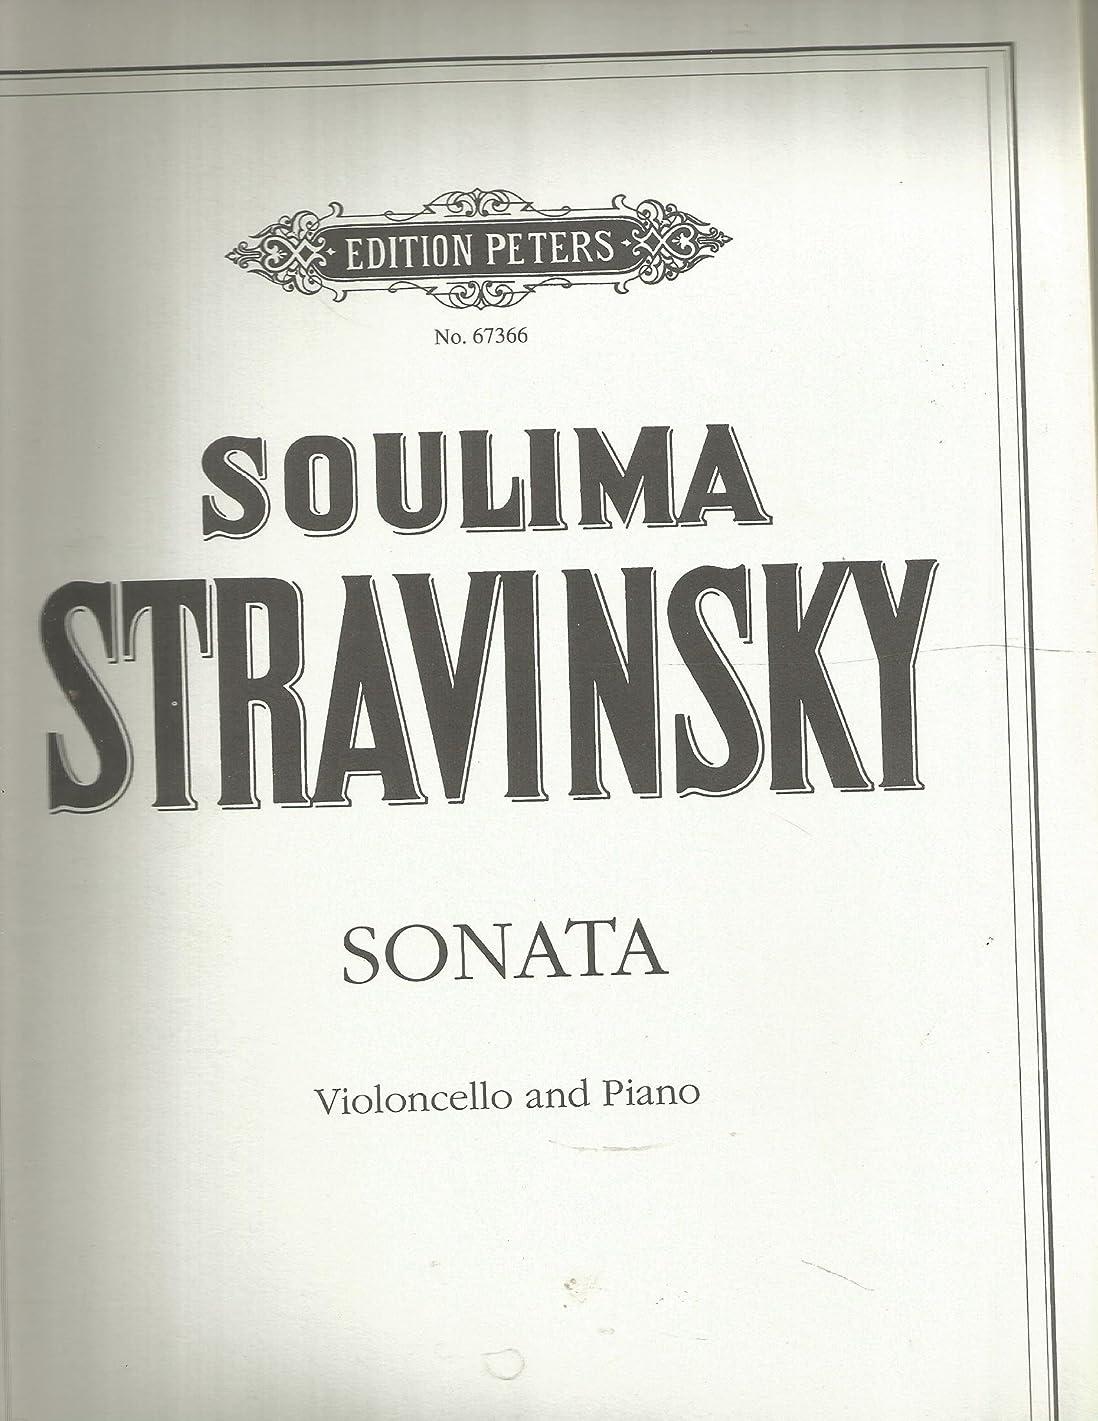 Soulima Stravinsky Sonata (Violoncello and Piano) No. 67366